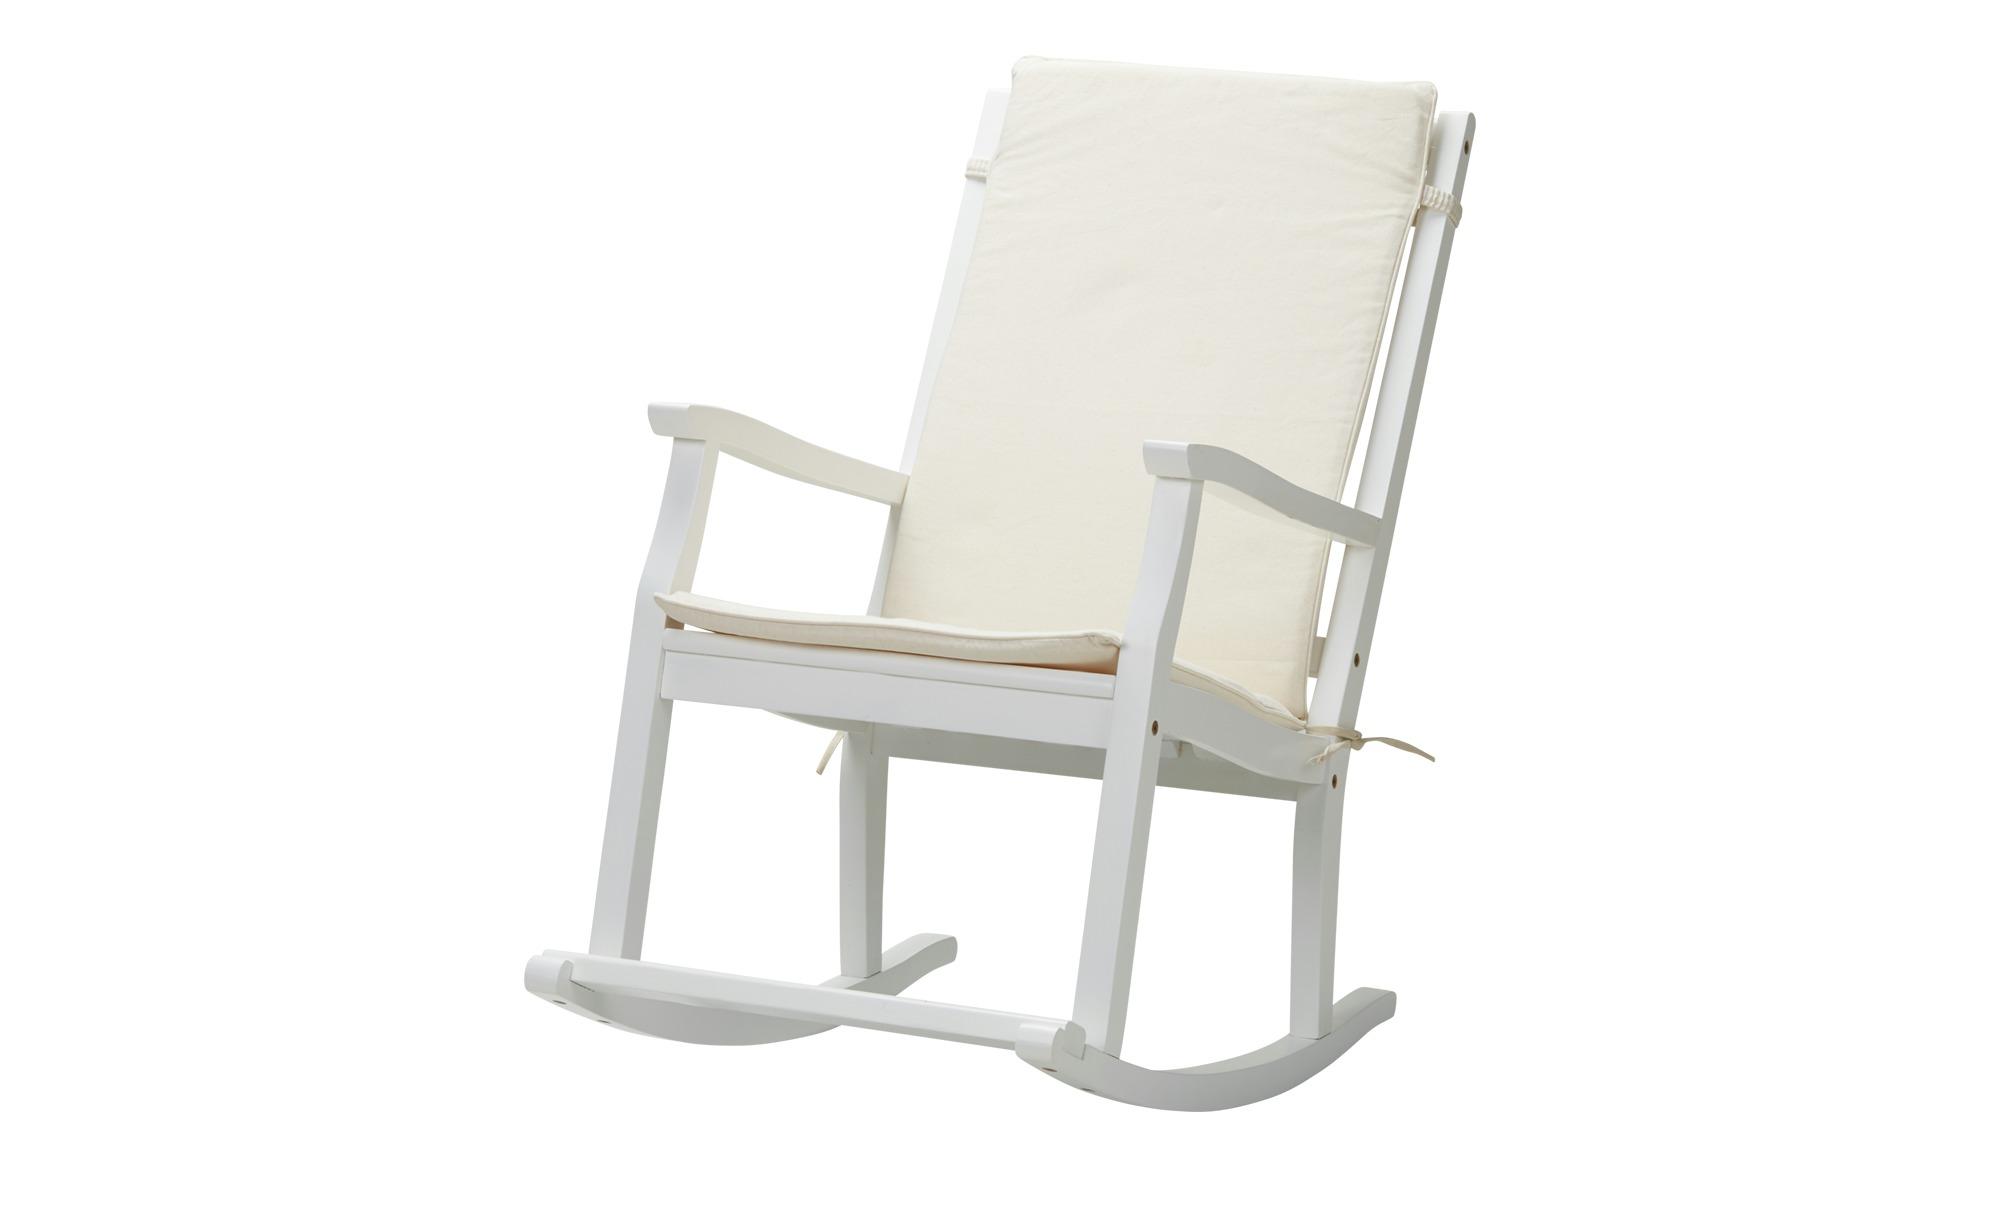 schaukelstuhl aus akazienholz tobi breite 62 cm h he 105 cm wei online kaufen bei woonio. Black Bedroom Furniture Sets. Home Design Ideas